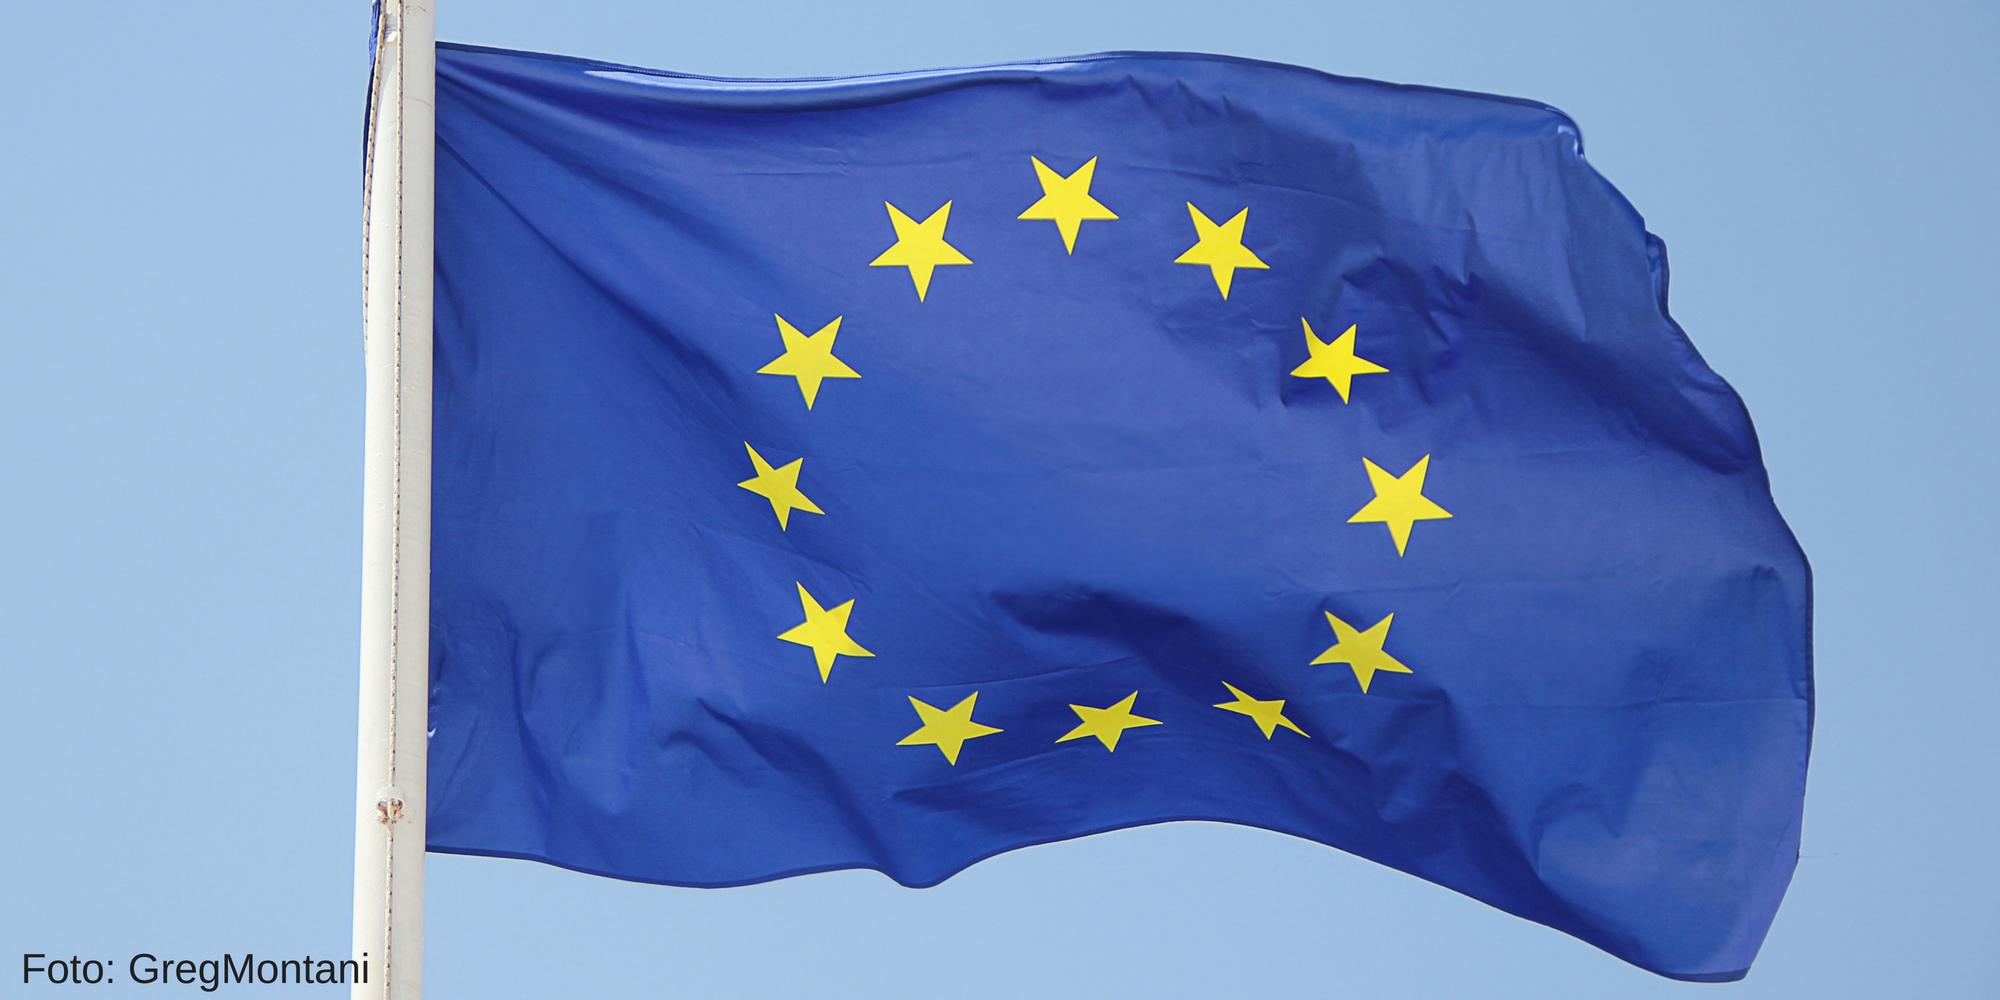 Todo está conectado. Financiación cultural a través de programas europeos: Europa Creativa, Erasmus + y Europa con los Ciudadanos